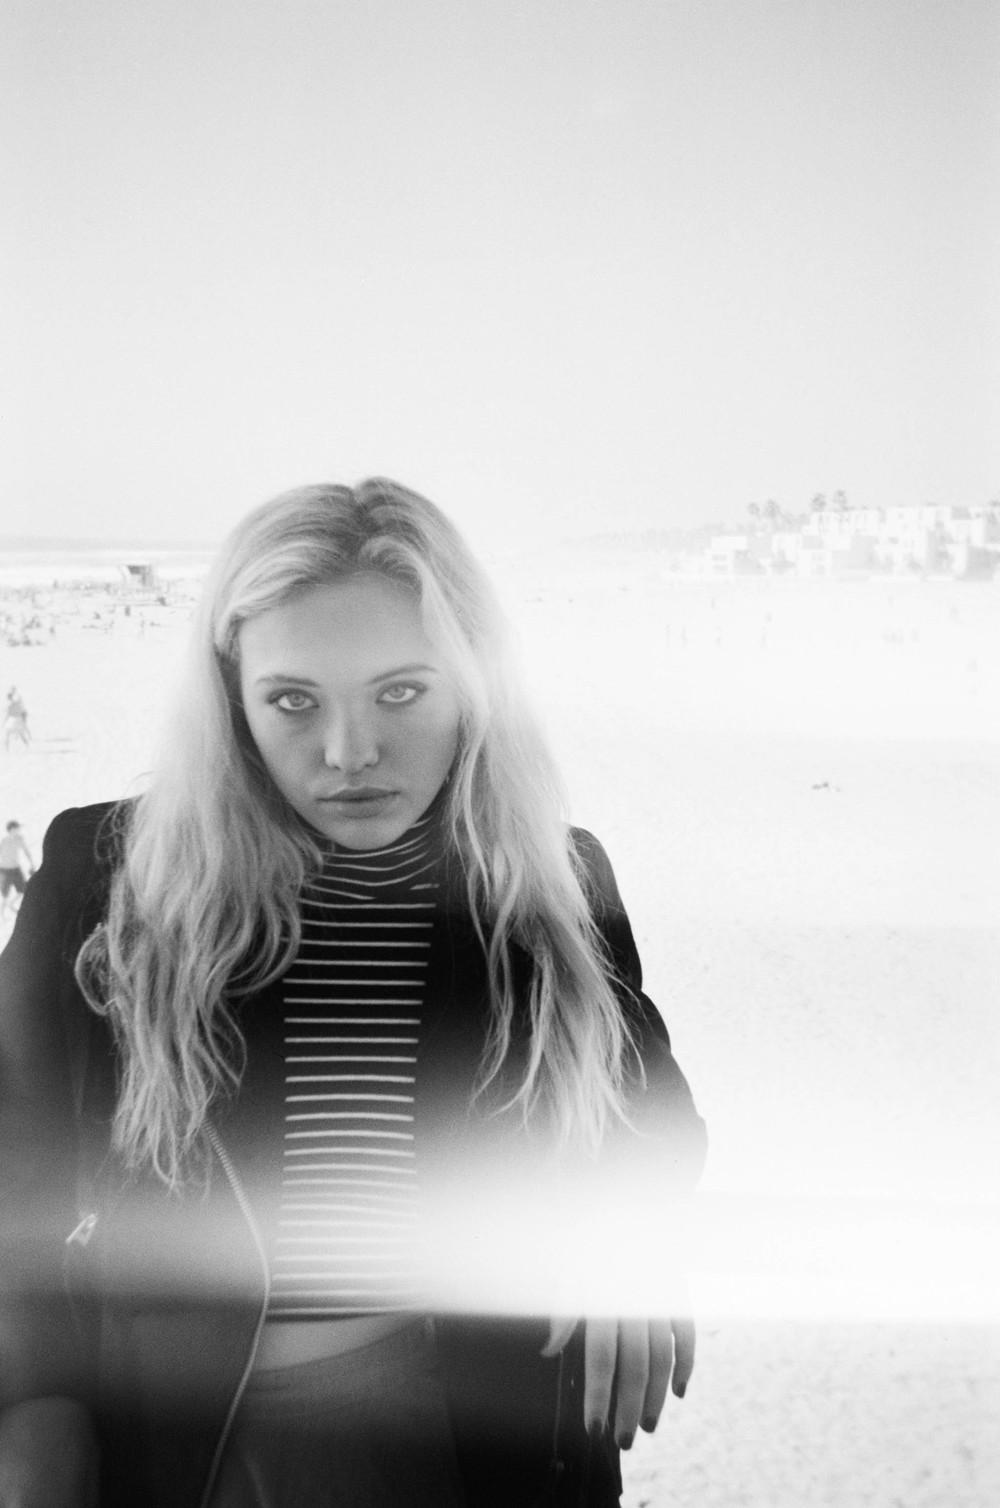 Lauren-Pier-Film-1-bw-casenruiz.jpg